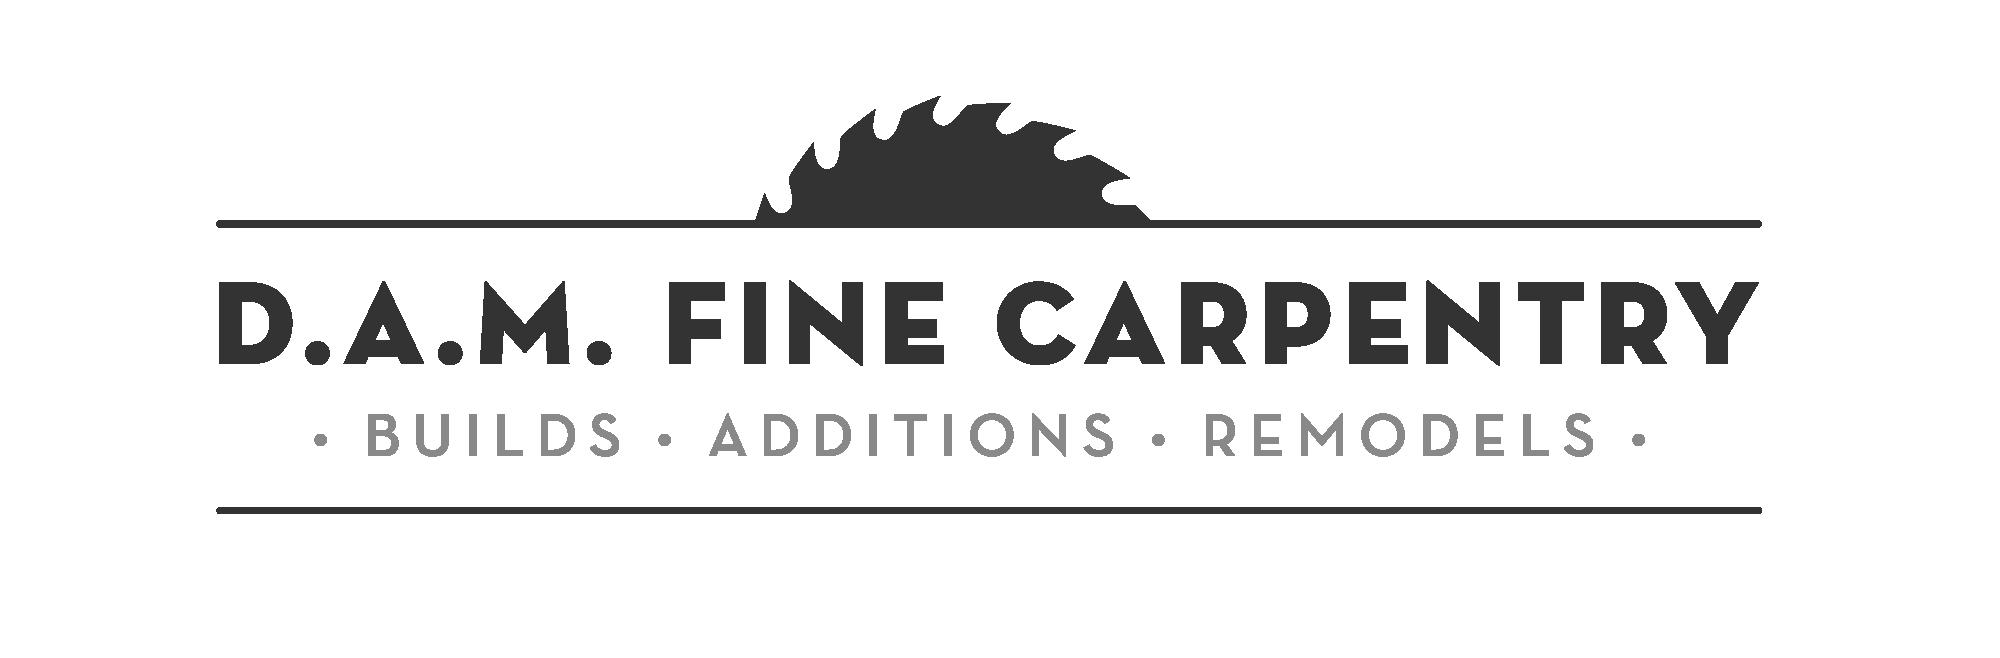 D.A.M. FIne Carpentry